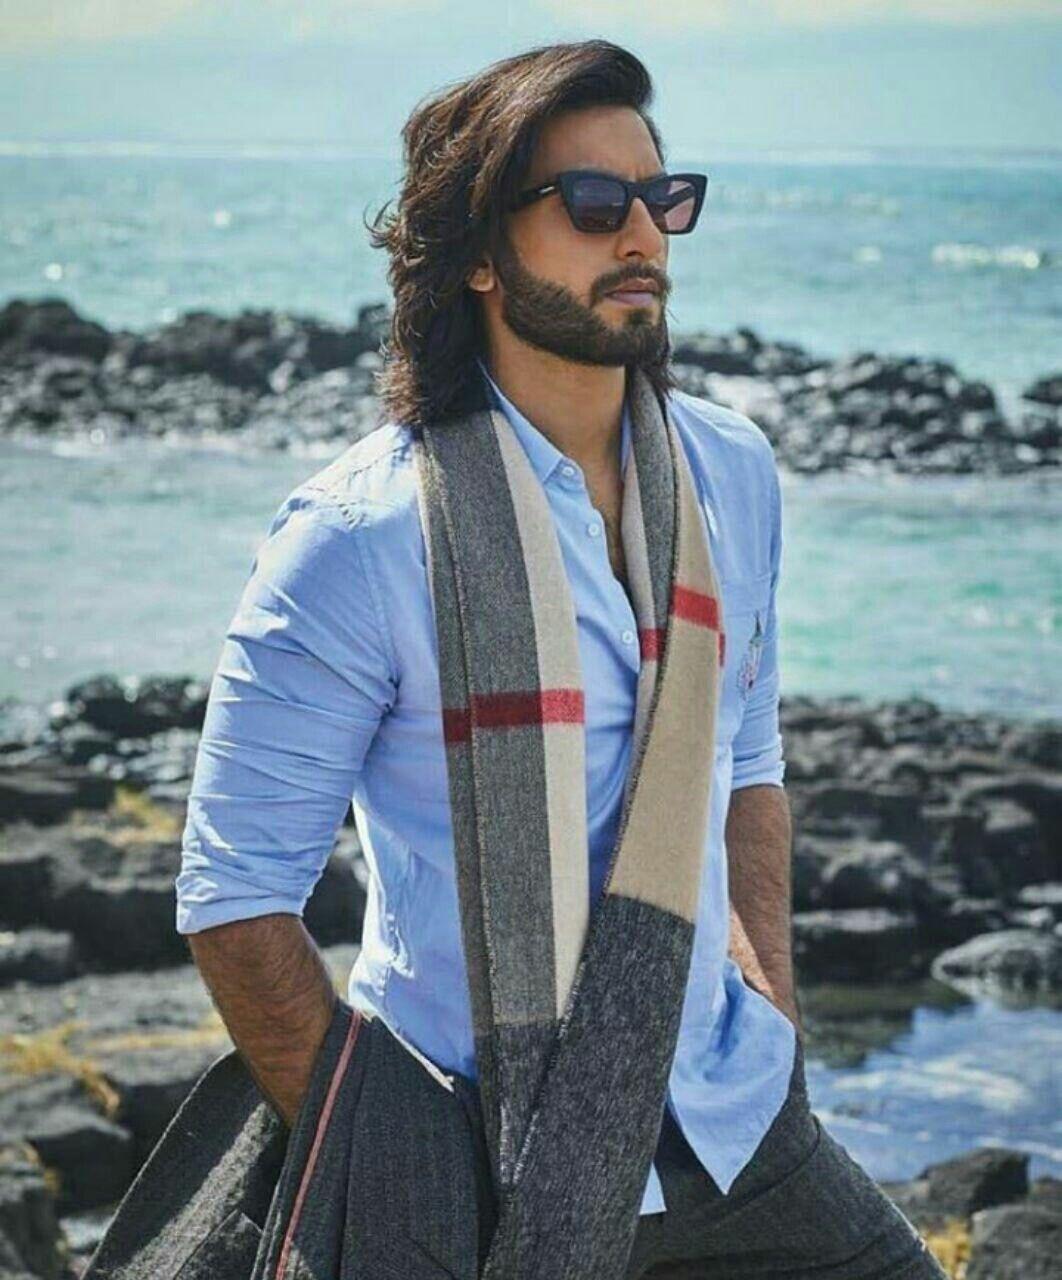 Pin by Sami Meza on Bollywood  Ranveer singh beard, Ranveer singh